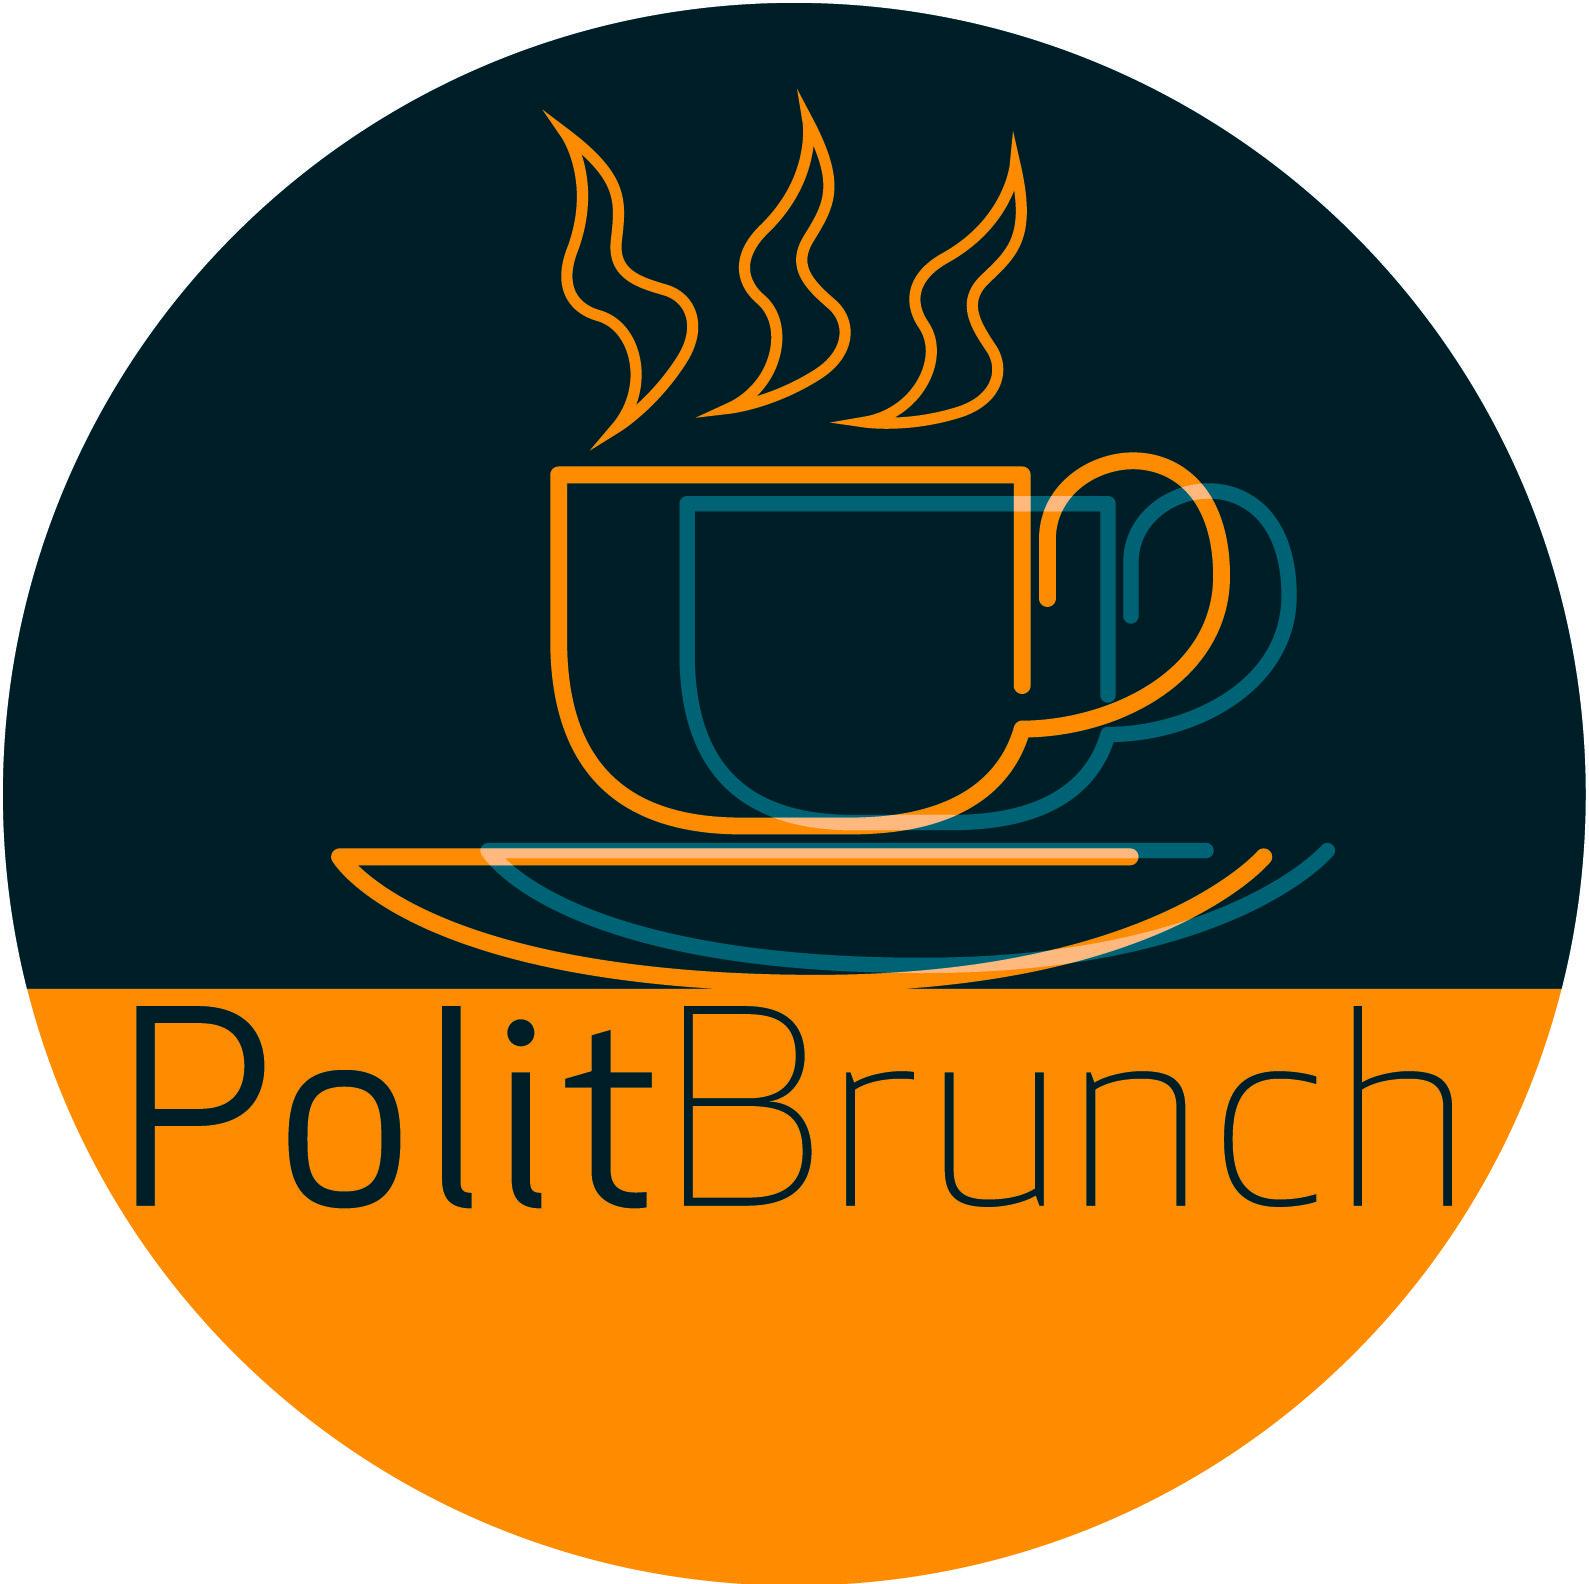 PolitBrunch